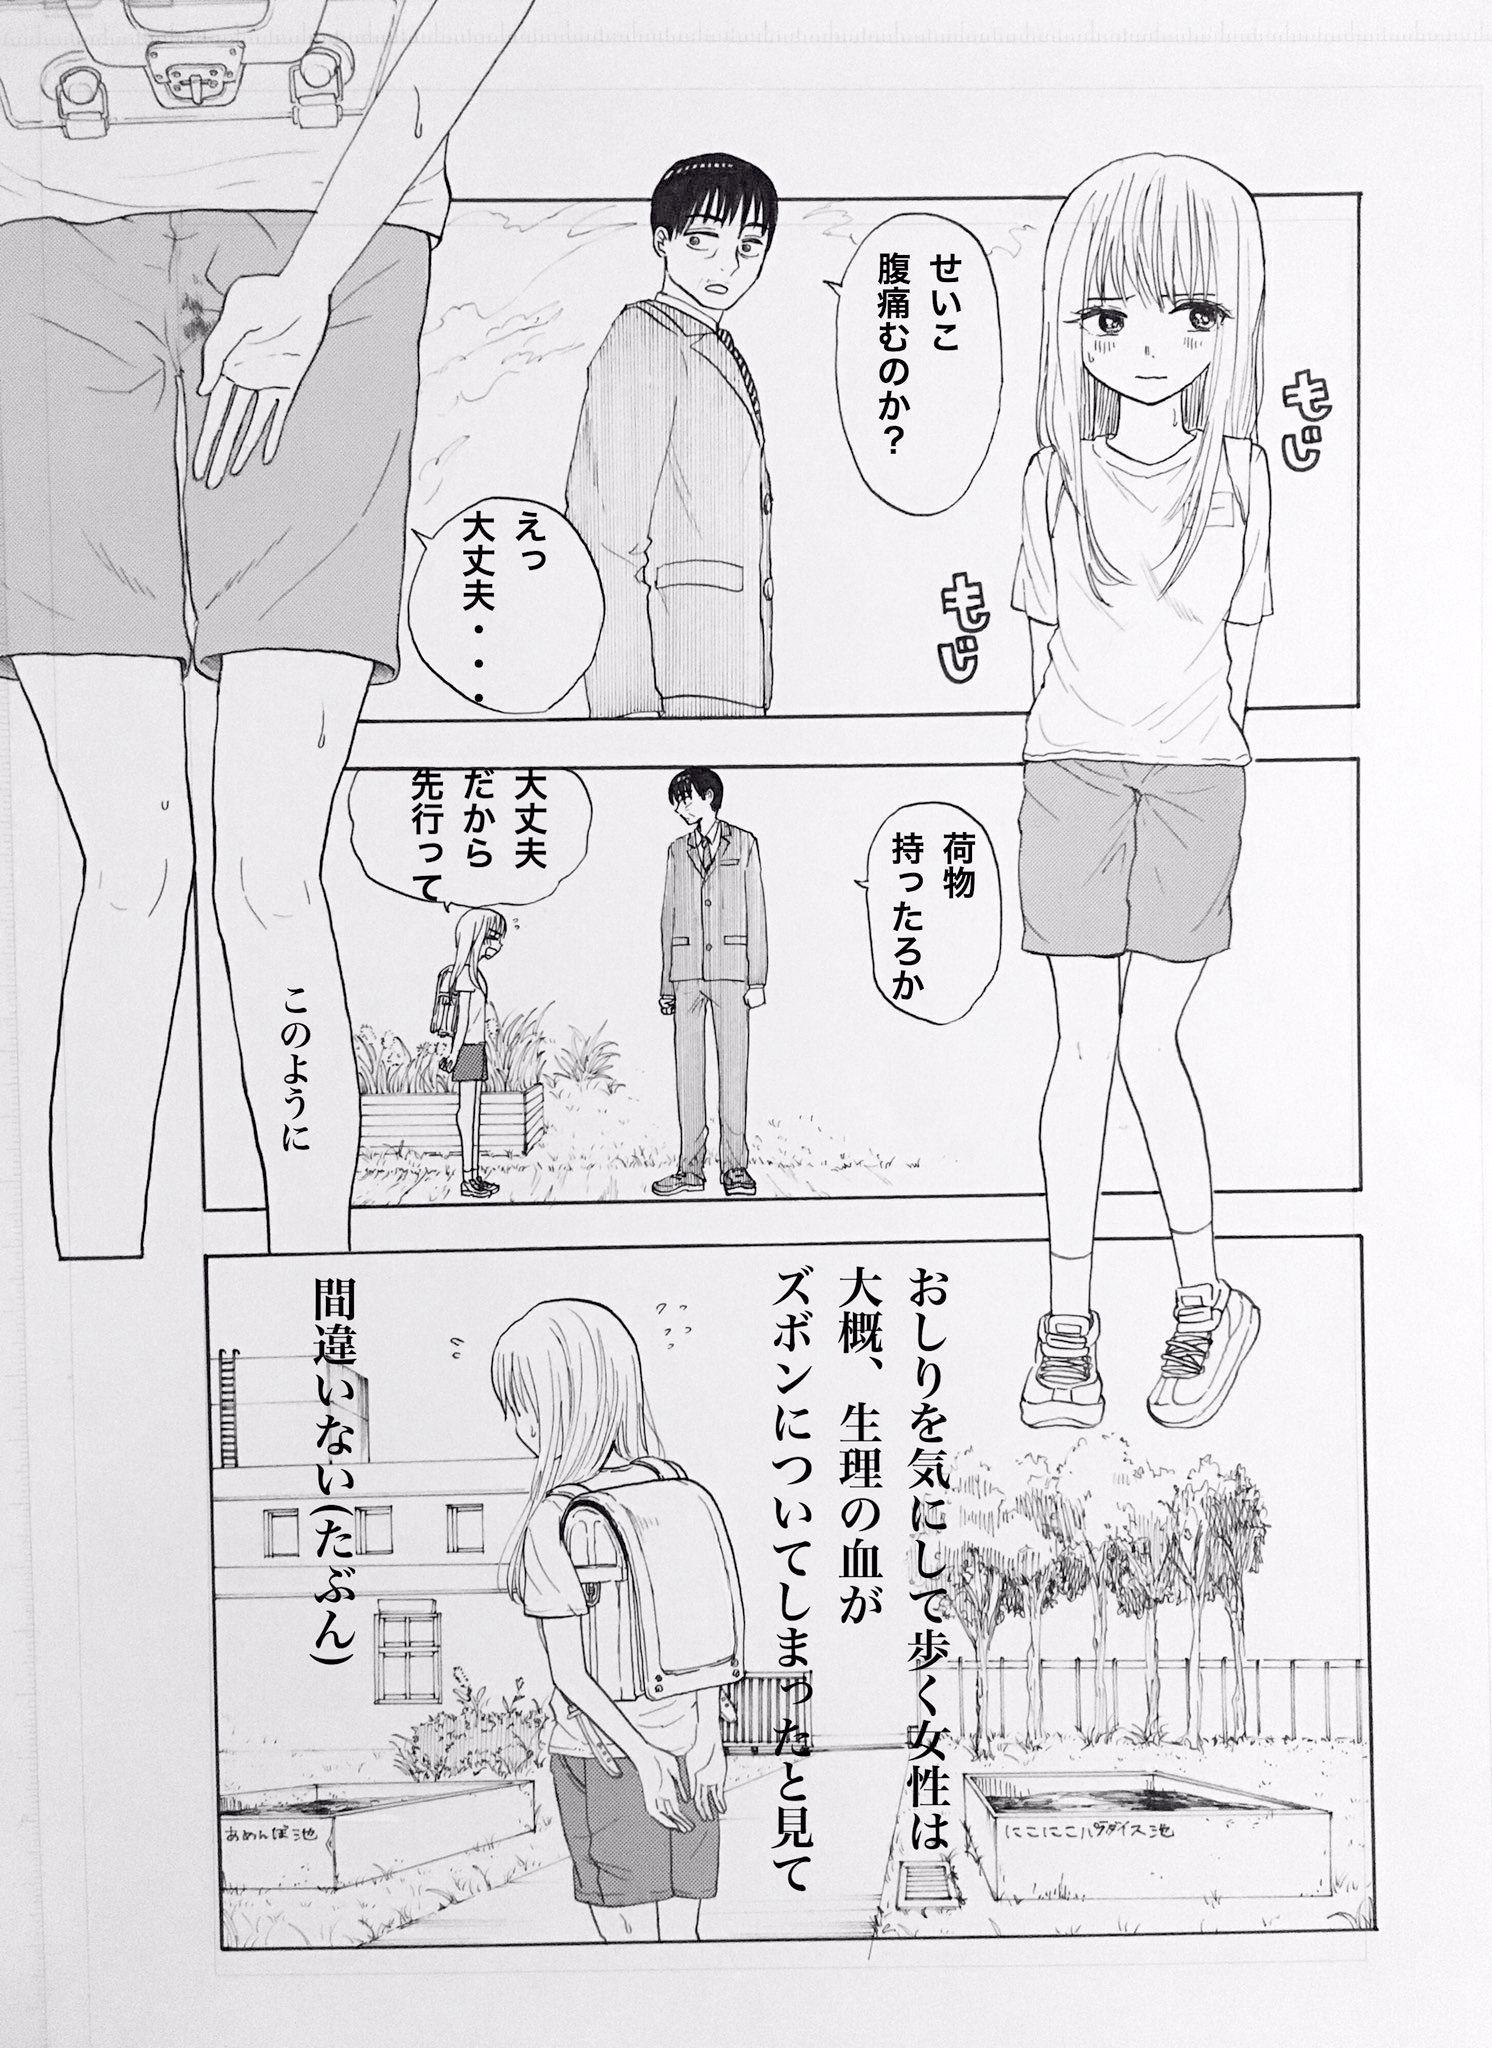 生理を隠し続ける女の子の漫画#13